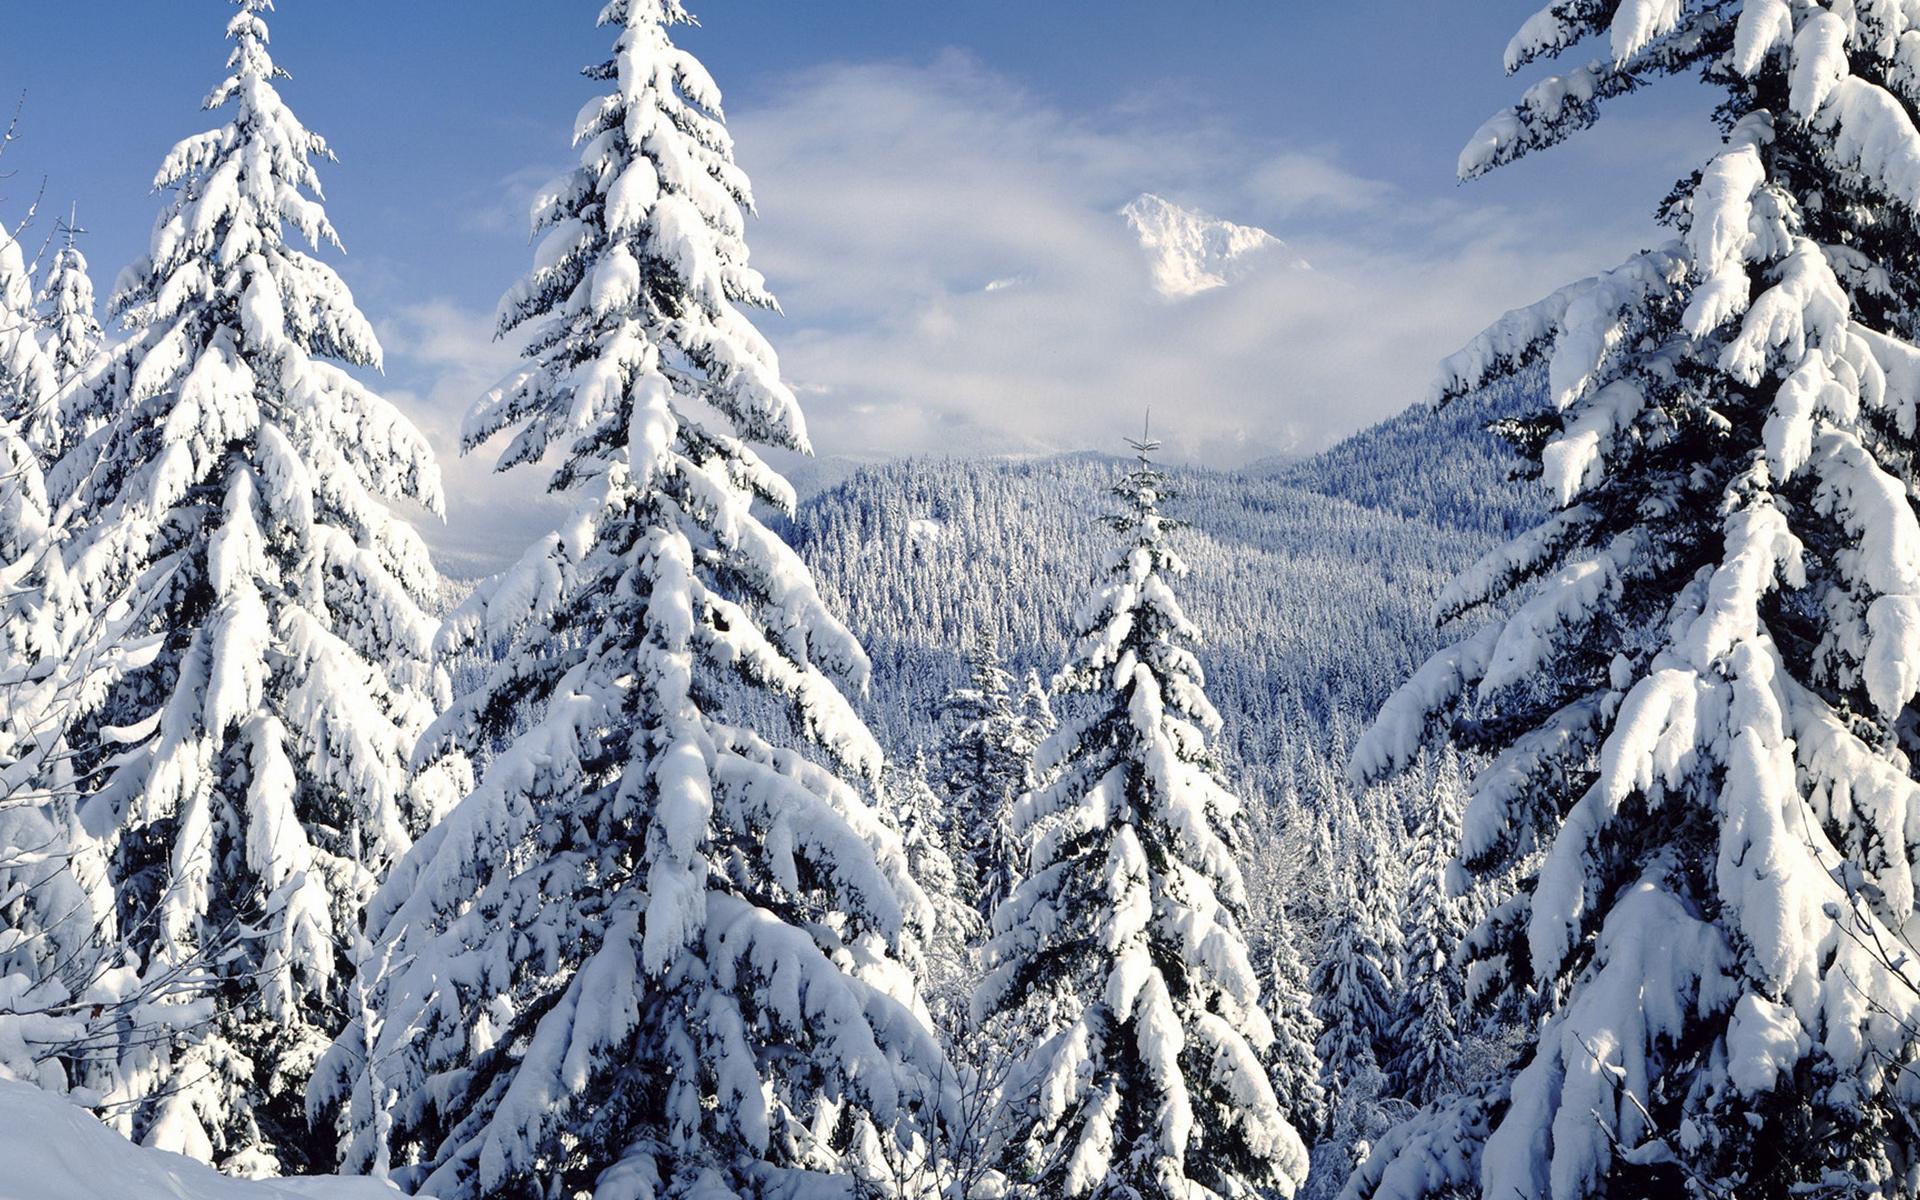 зимний лес фото на телефон проживают двух